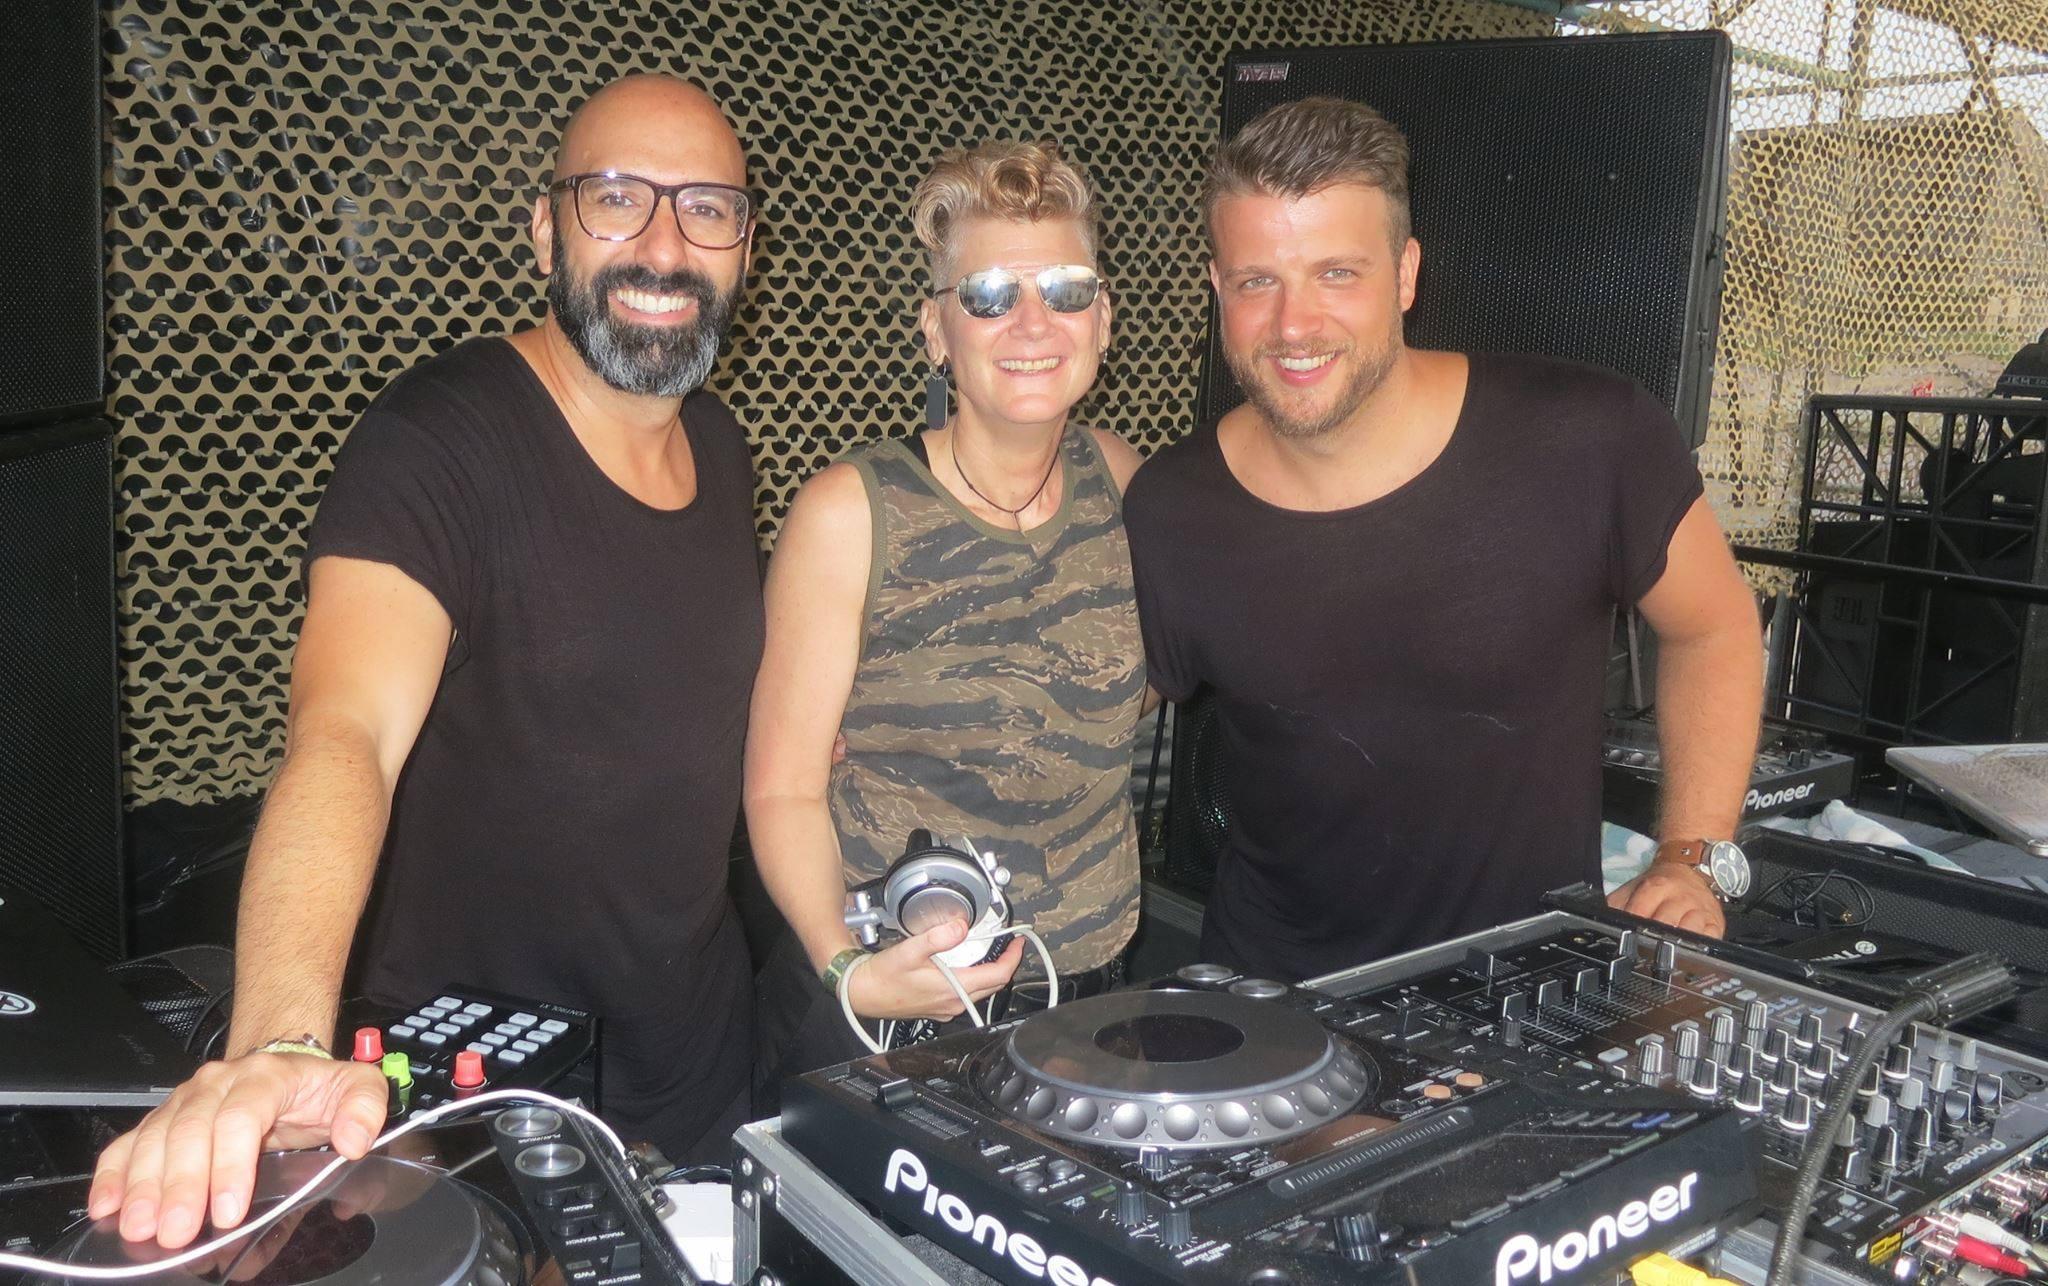 DJ Morabito